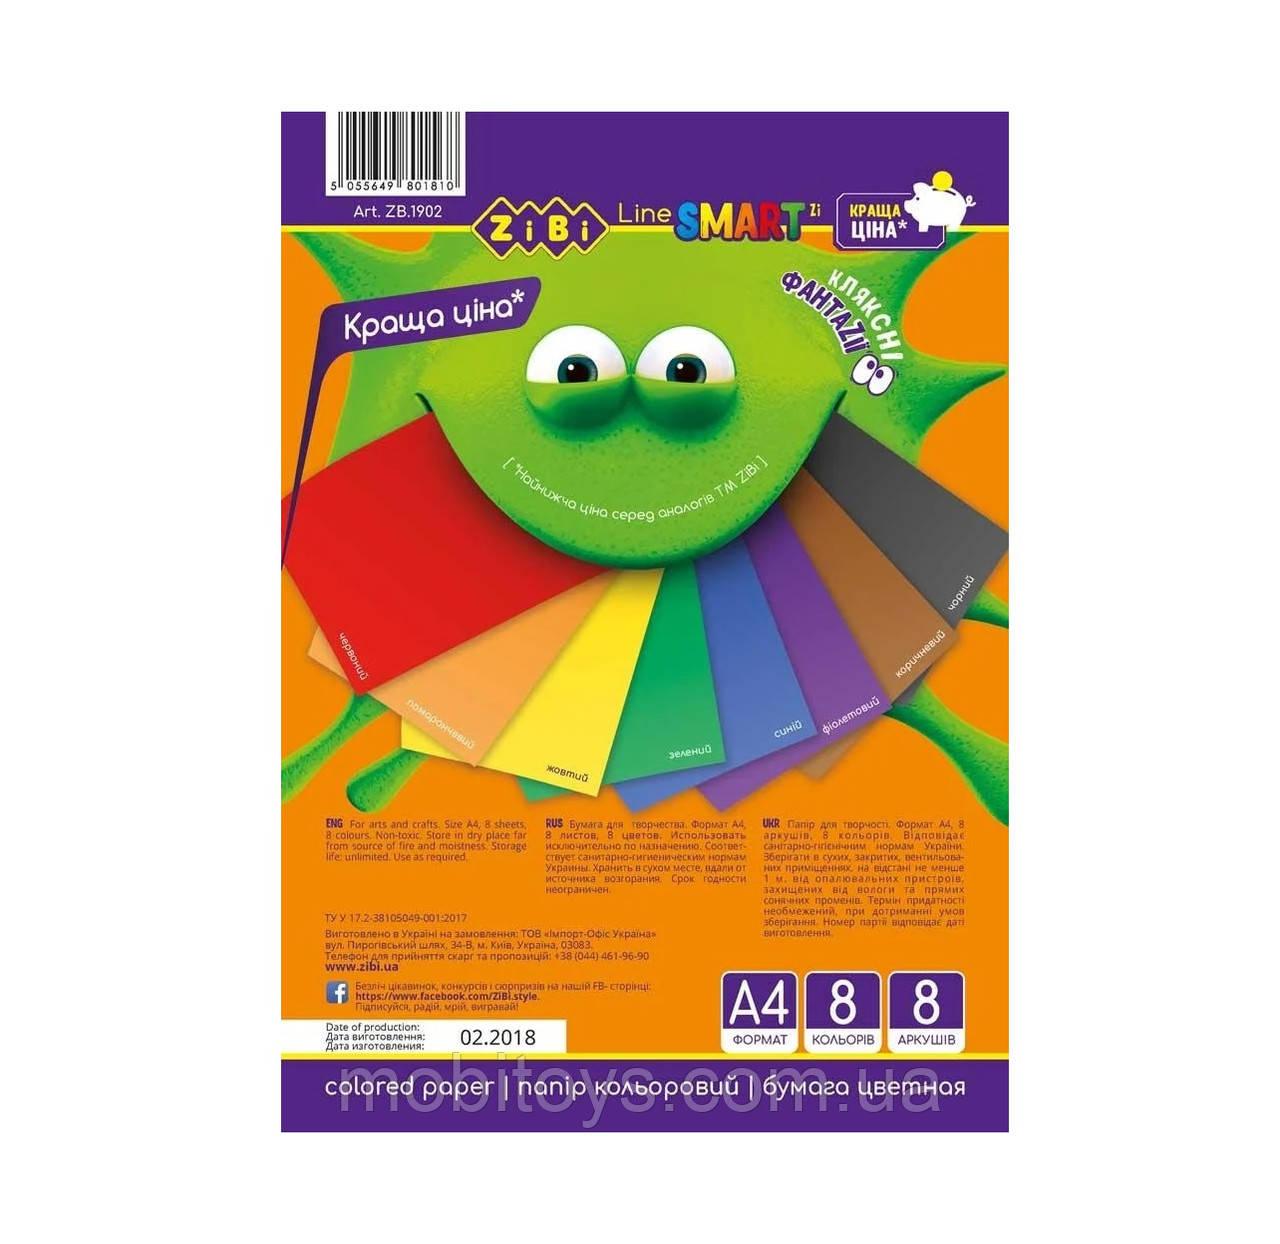 Бумага цветная А4, 8 листов, 8 цветов, эконом, SMART Line